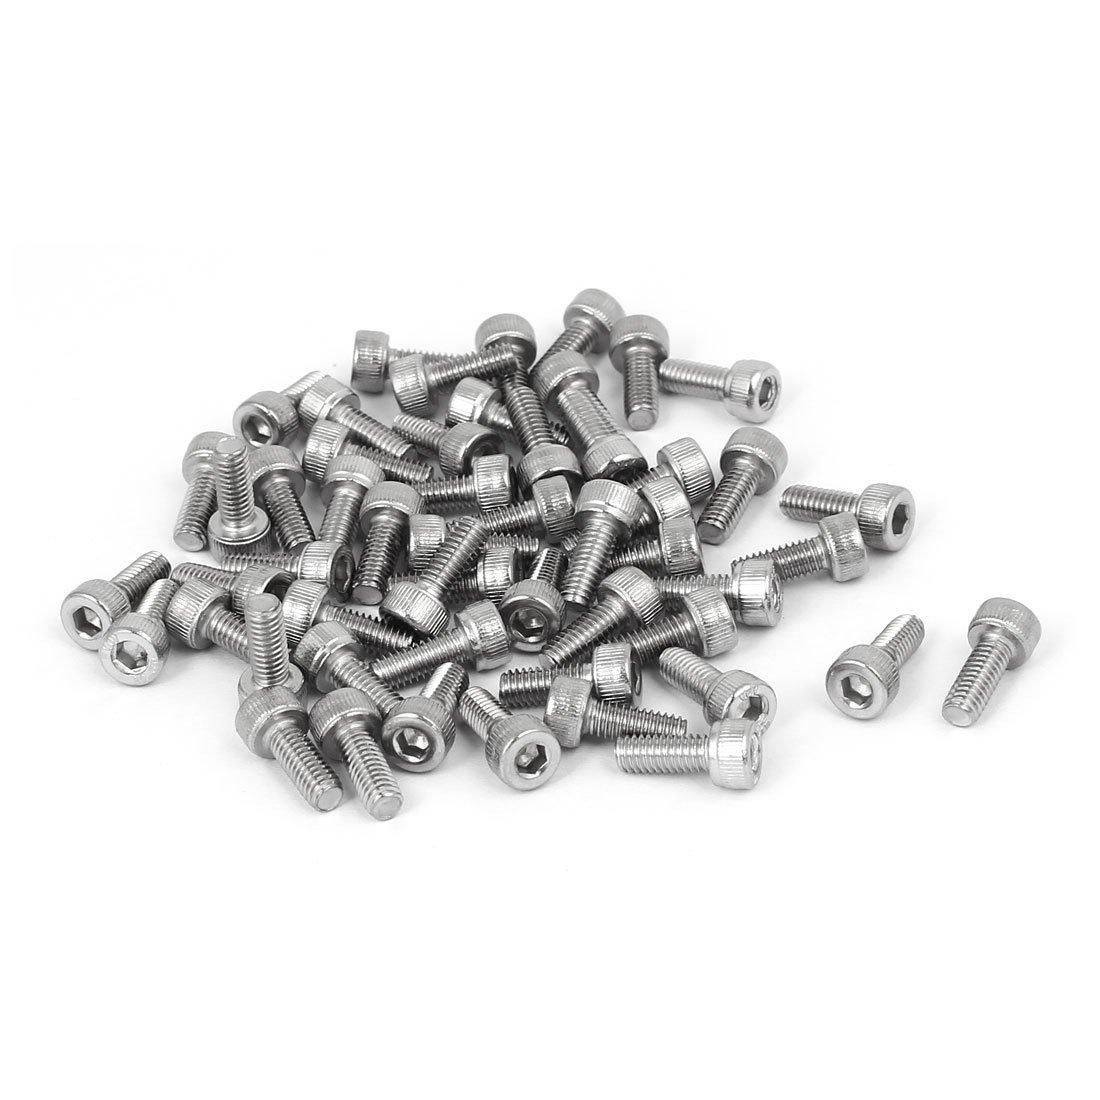 M4x10mm Filetage 304 Vis /à t/ête cylindrique six pans creux en acier inoxydable DIN912 55pcs